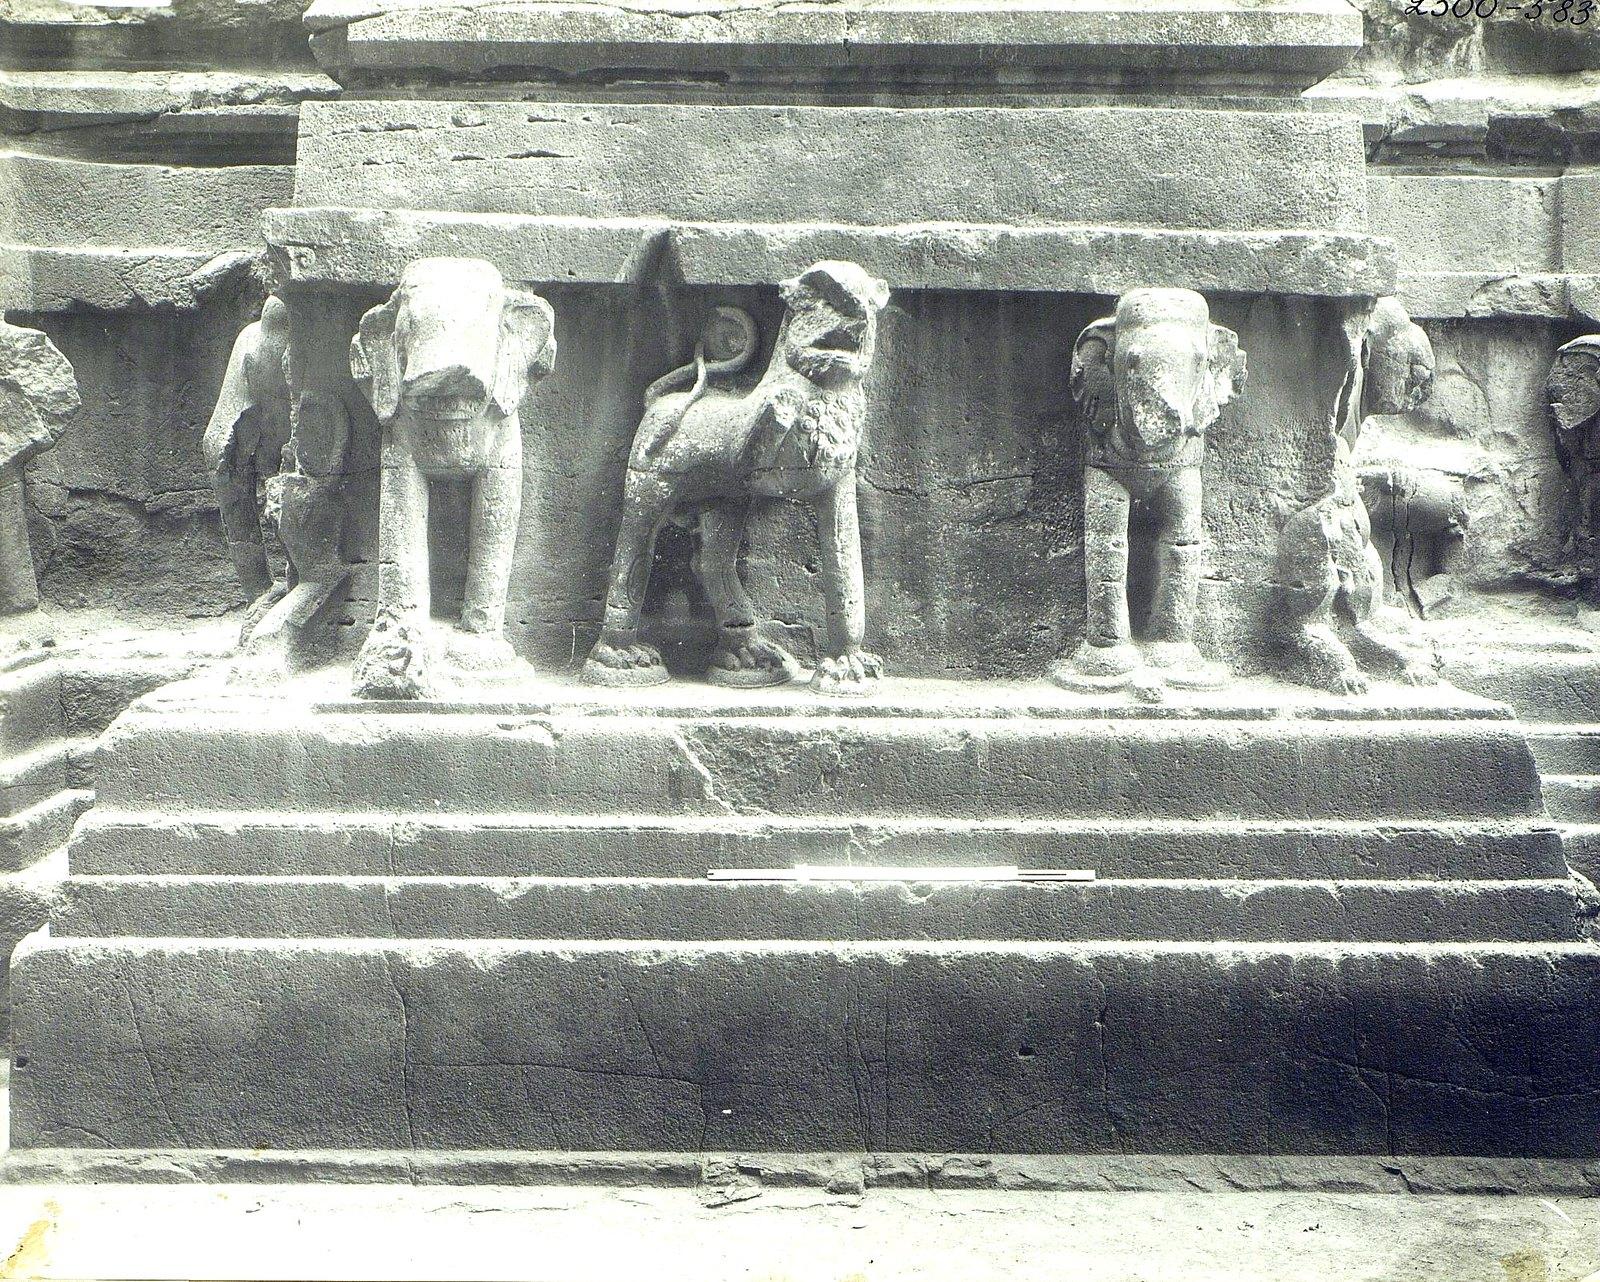 Храм Кайласа в Эллоре (деталь рельефа со слонами и львами) (12)